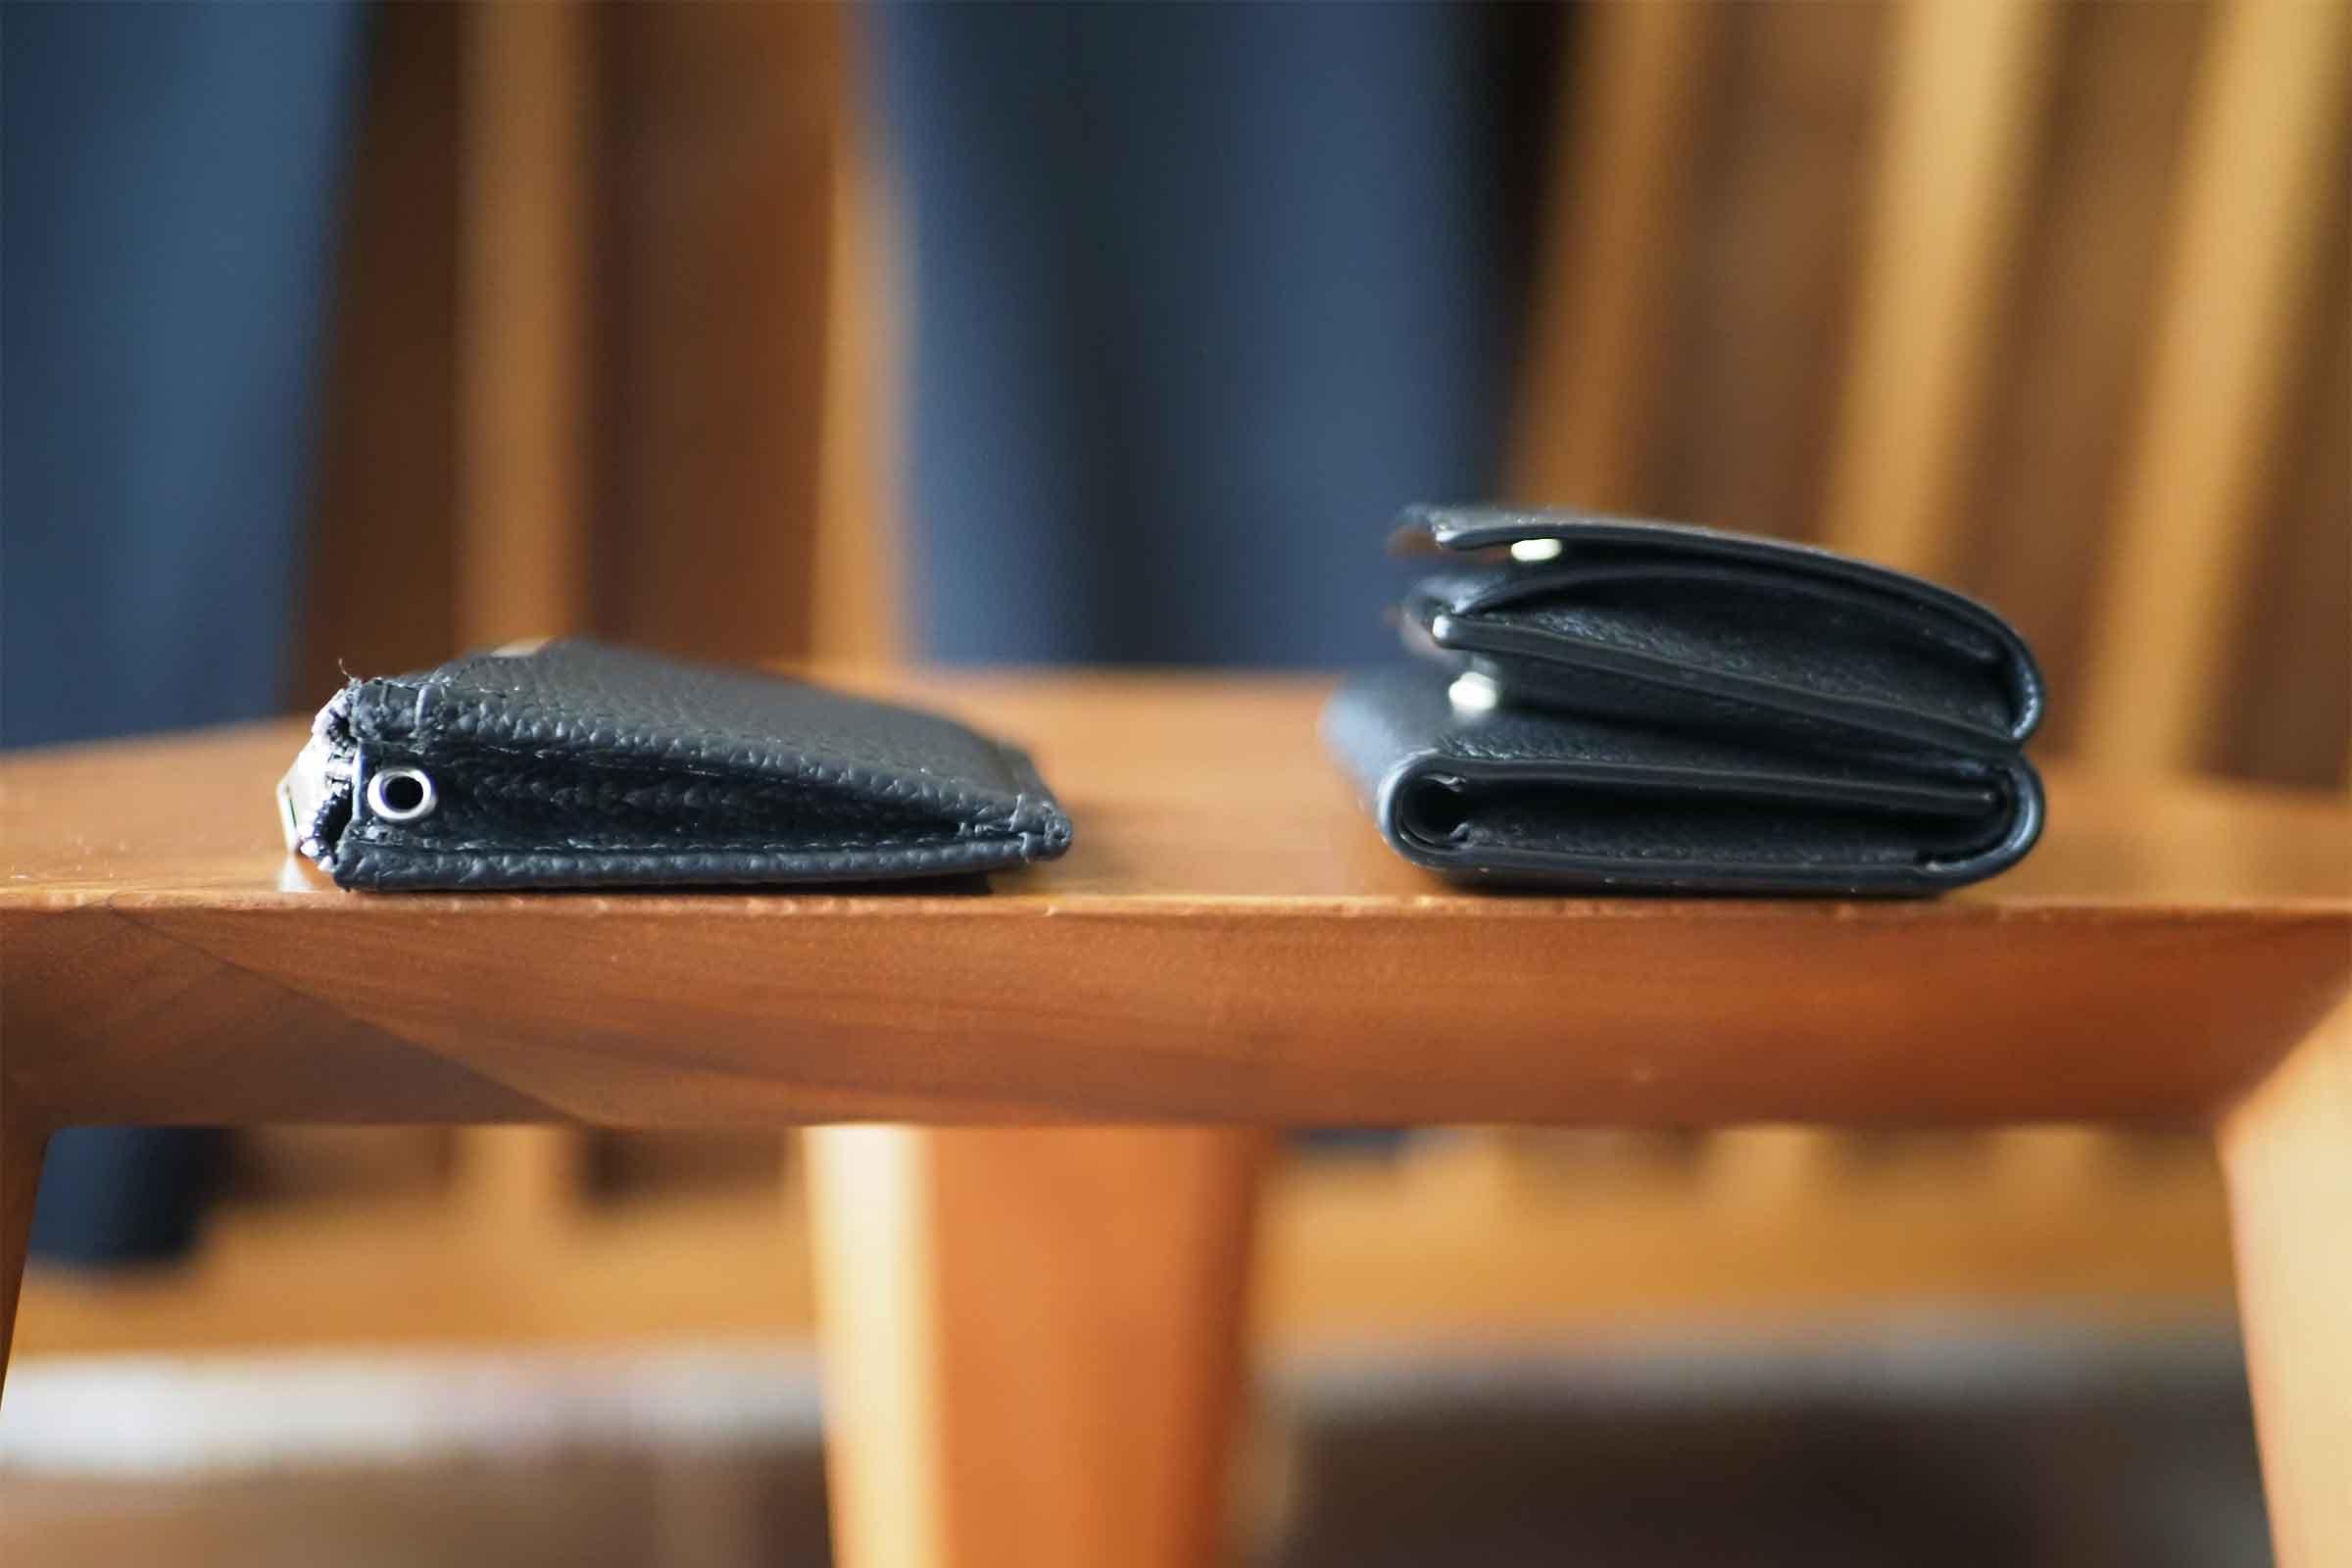 ミニ財布,リスキーモデル,risky,コンパクト,小さい,安い,コスパ,ポケット